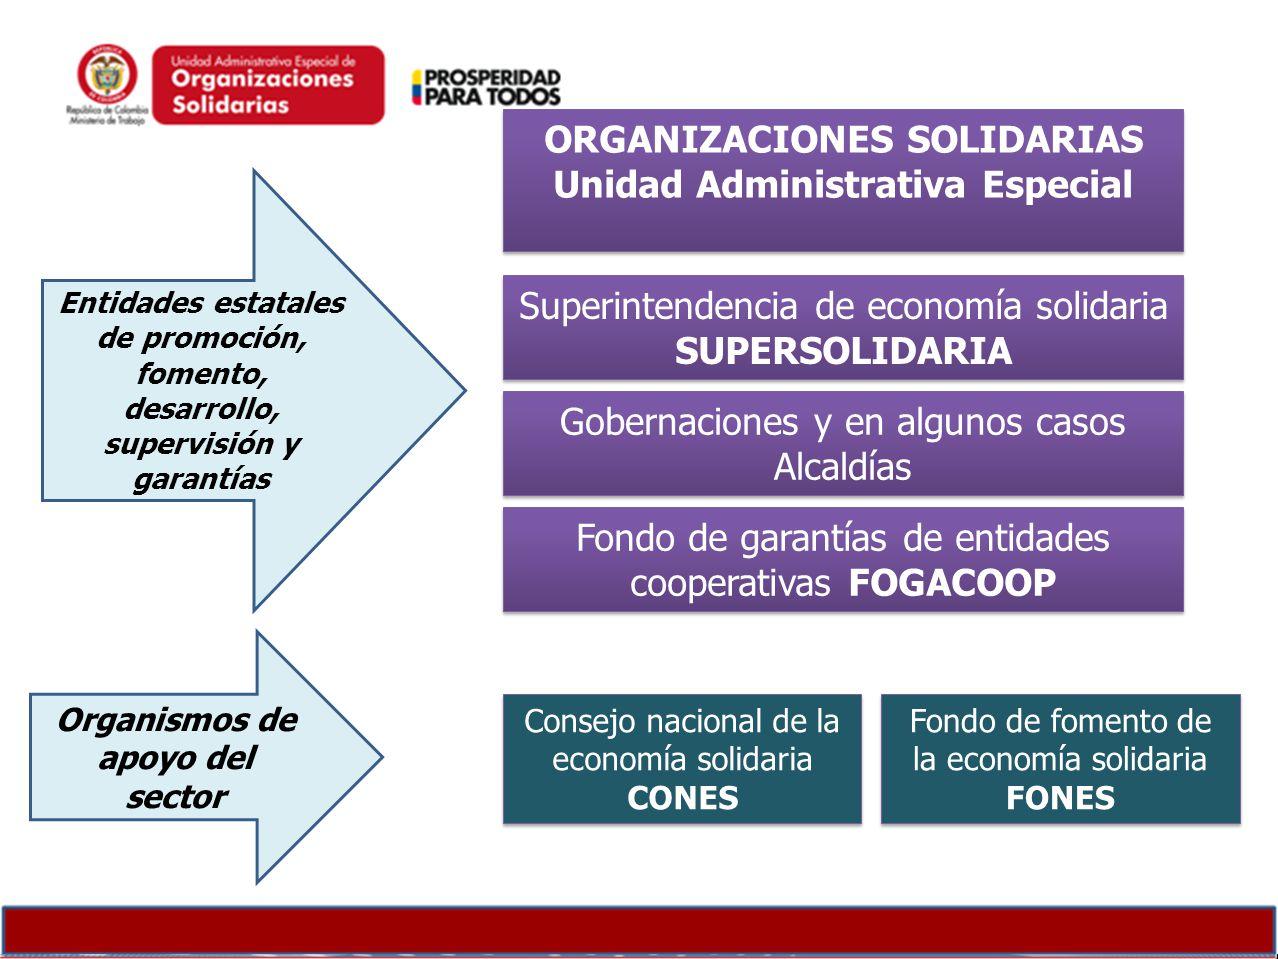 ORGANIZACIONES SOLIDARIAS Organismos de apoyo del sector